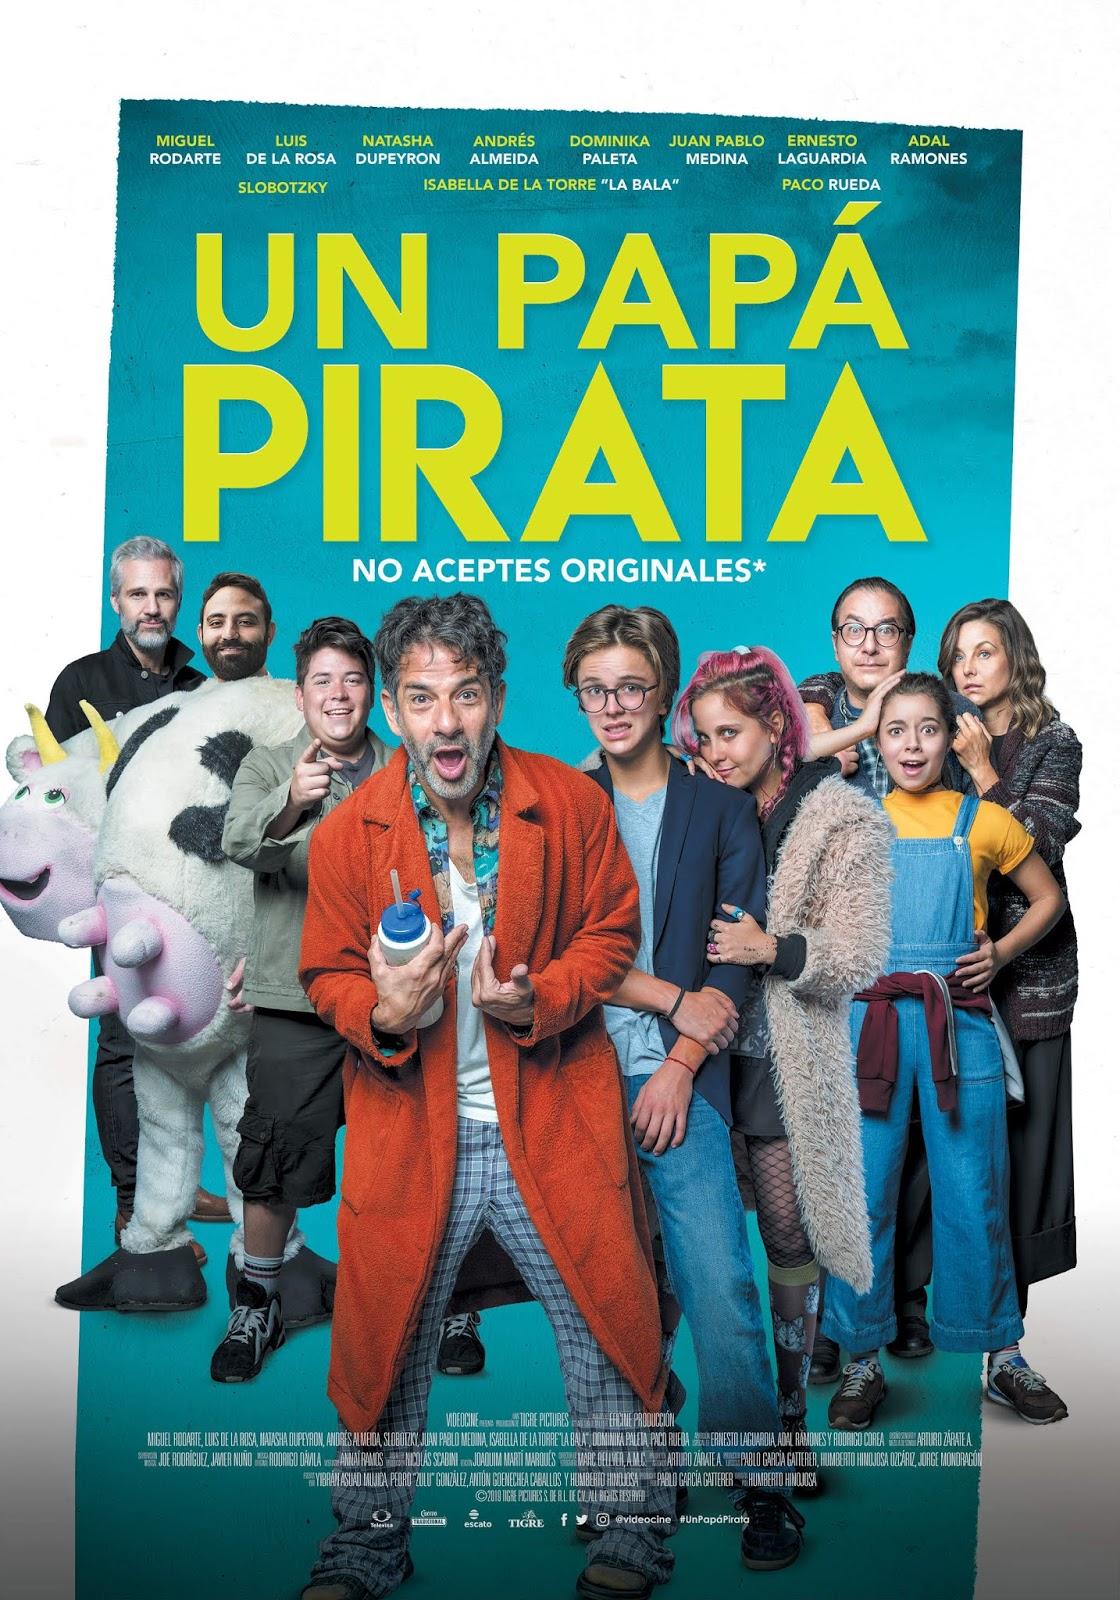 Un papá pirata [2019] [DVD R4] [NTSC] [Latino]